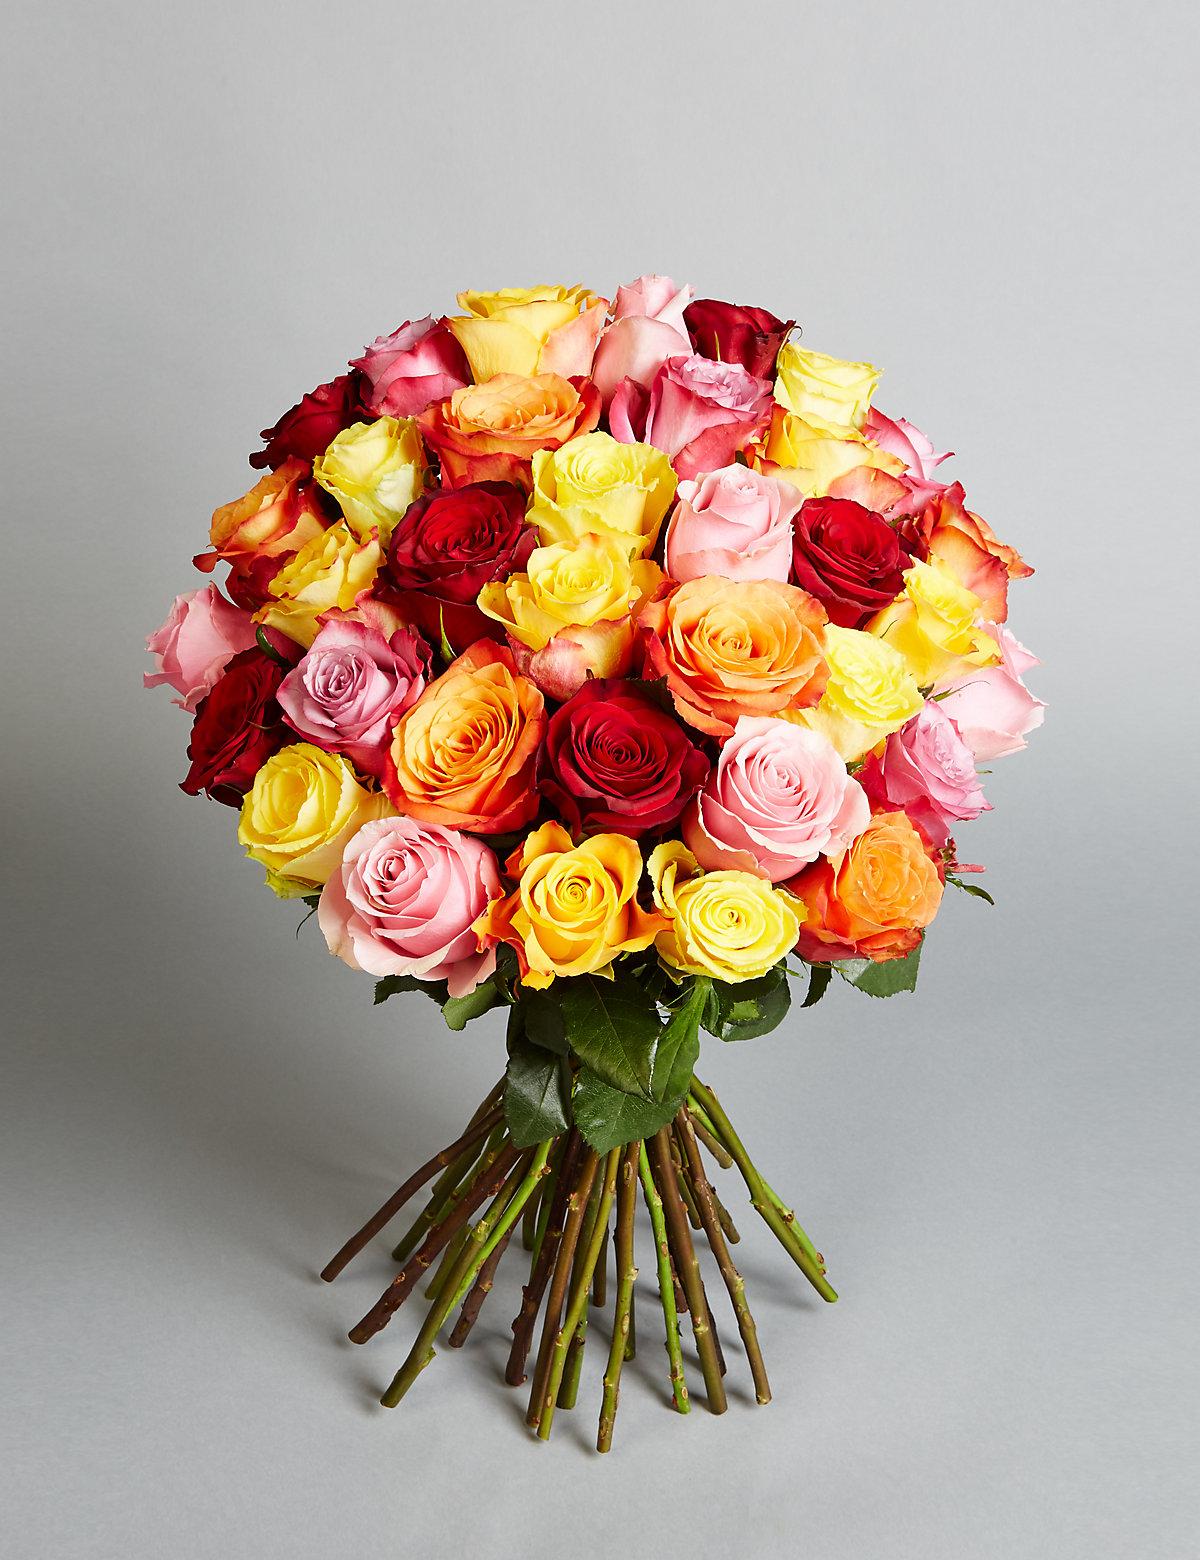 Autograph Rose Abundance Bouquet